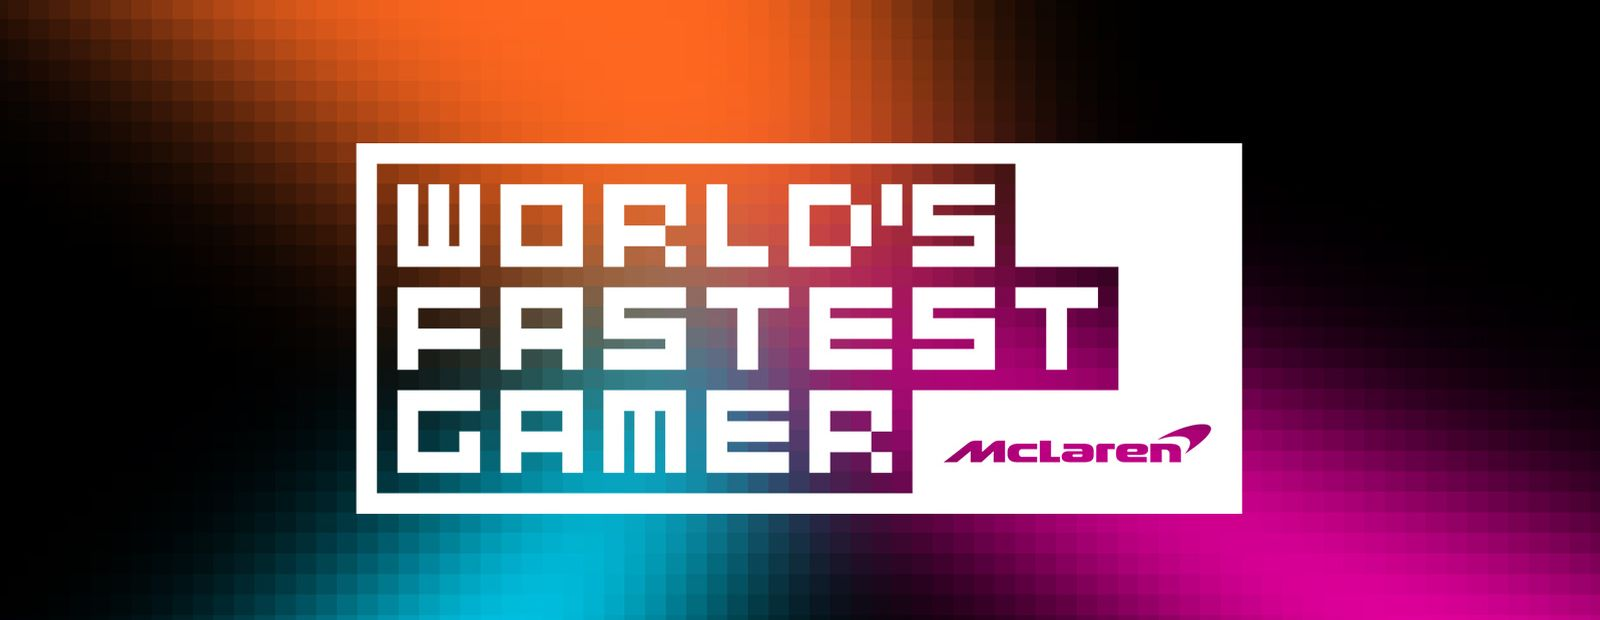 http://www.isrtv.com/wp-content/uploads/2017/05/Worlds-Fastest-Gamer-logo.jpg